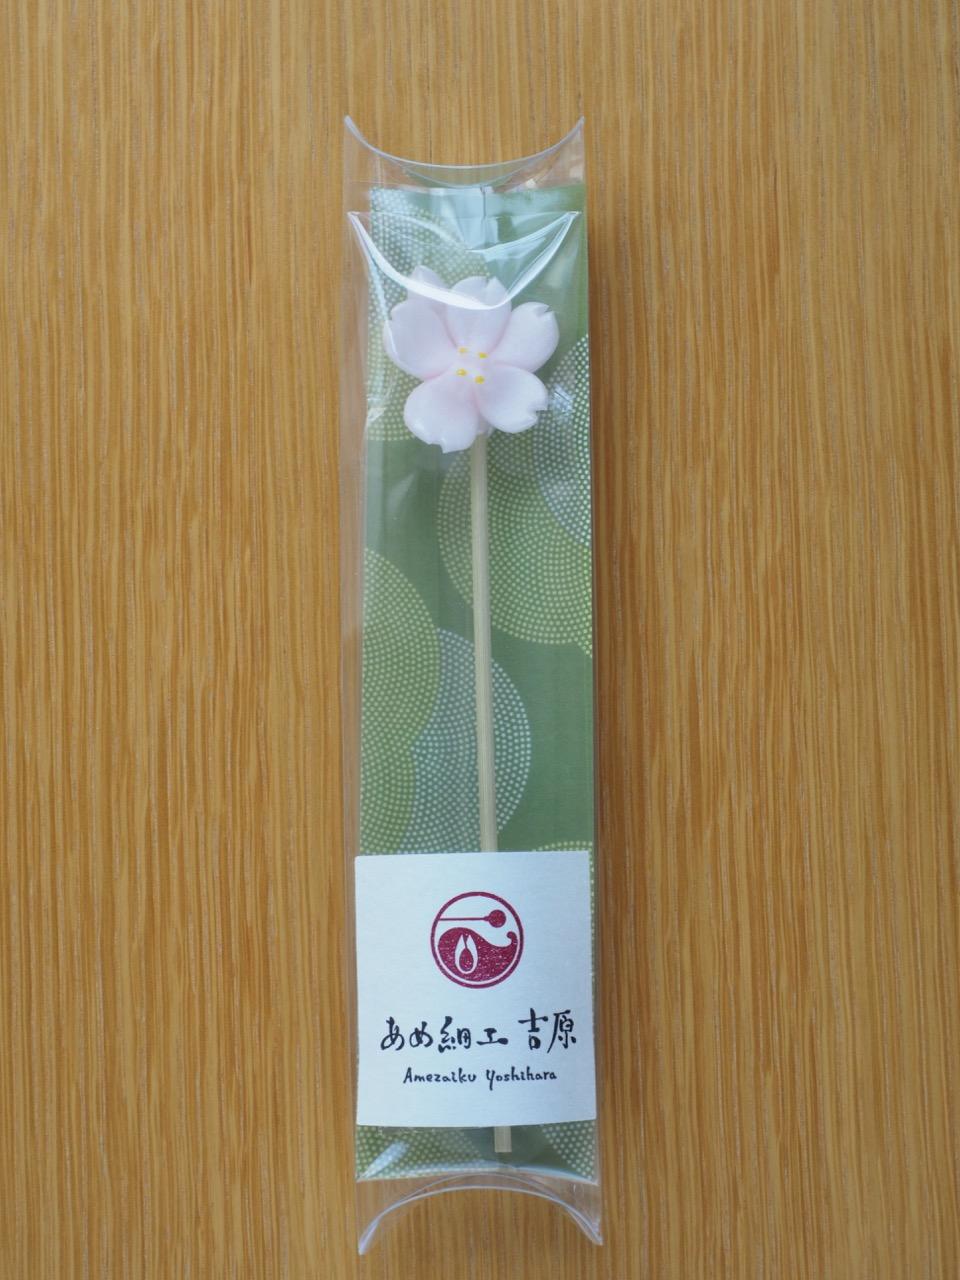 日本では、桜は観るだけでなく様々